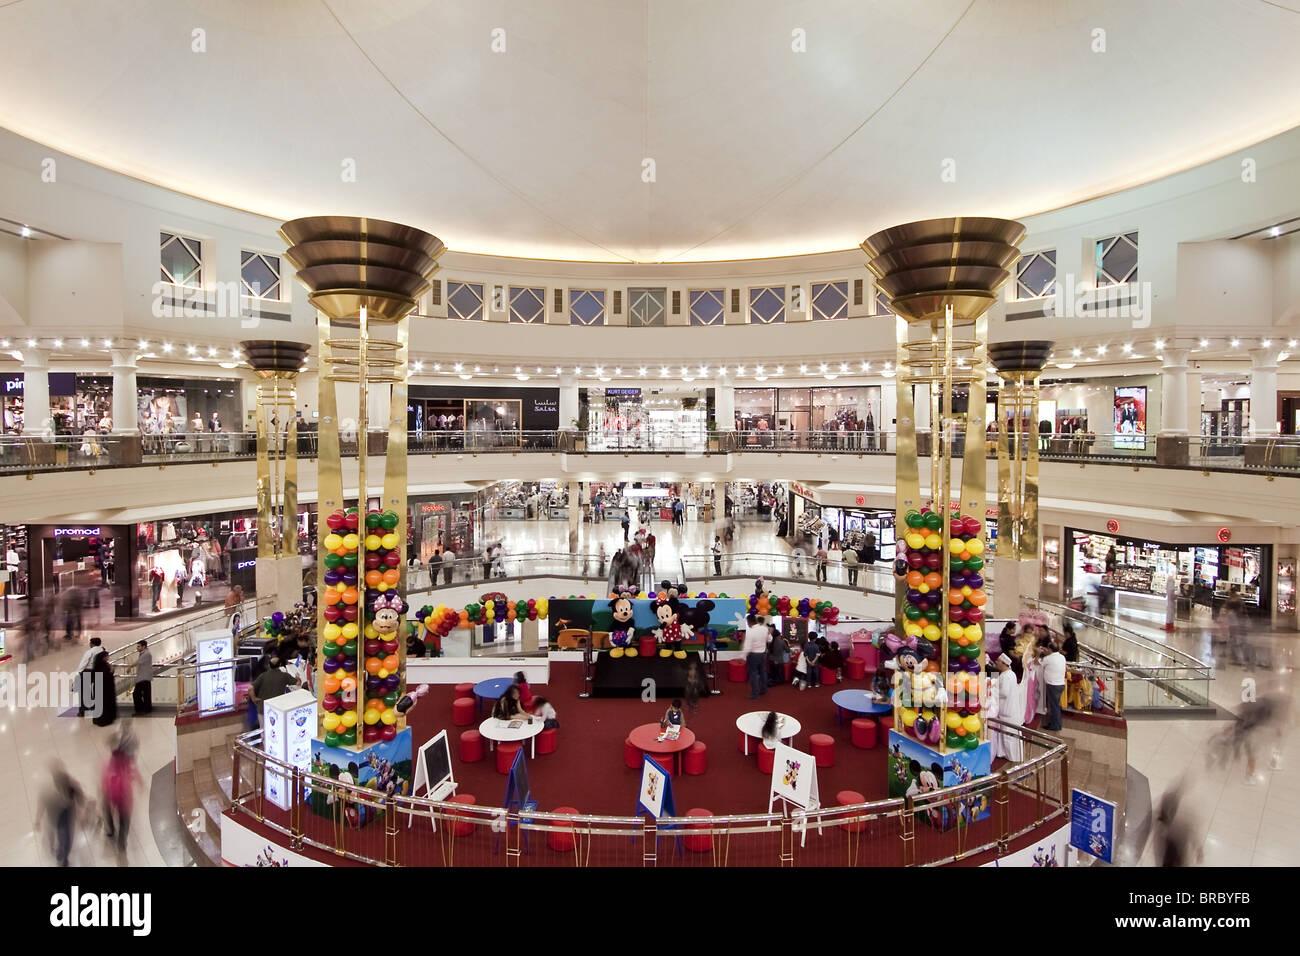 Interior of Deira City Centre Shopping Mall, Dubai, UAE